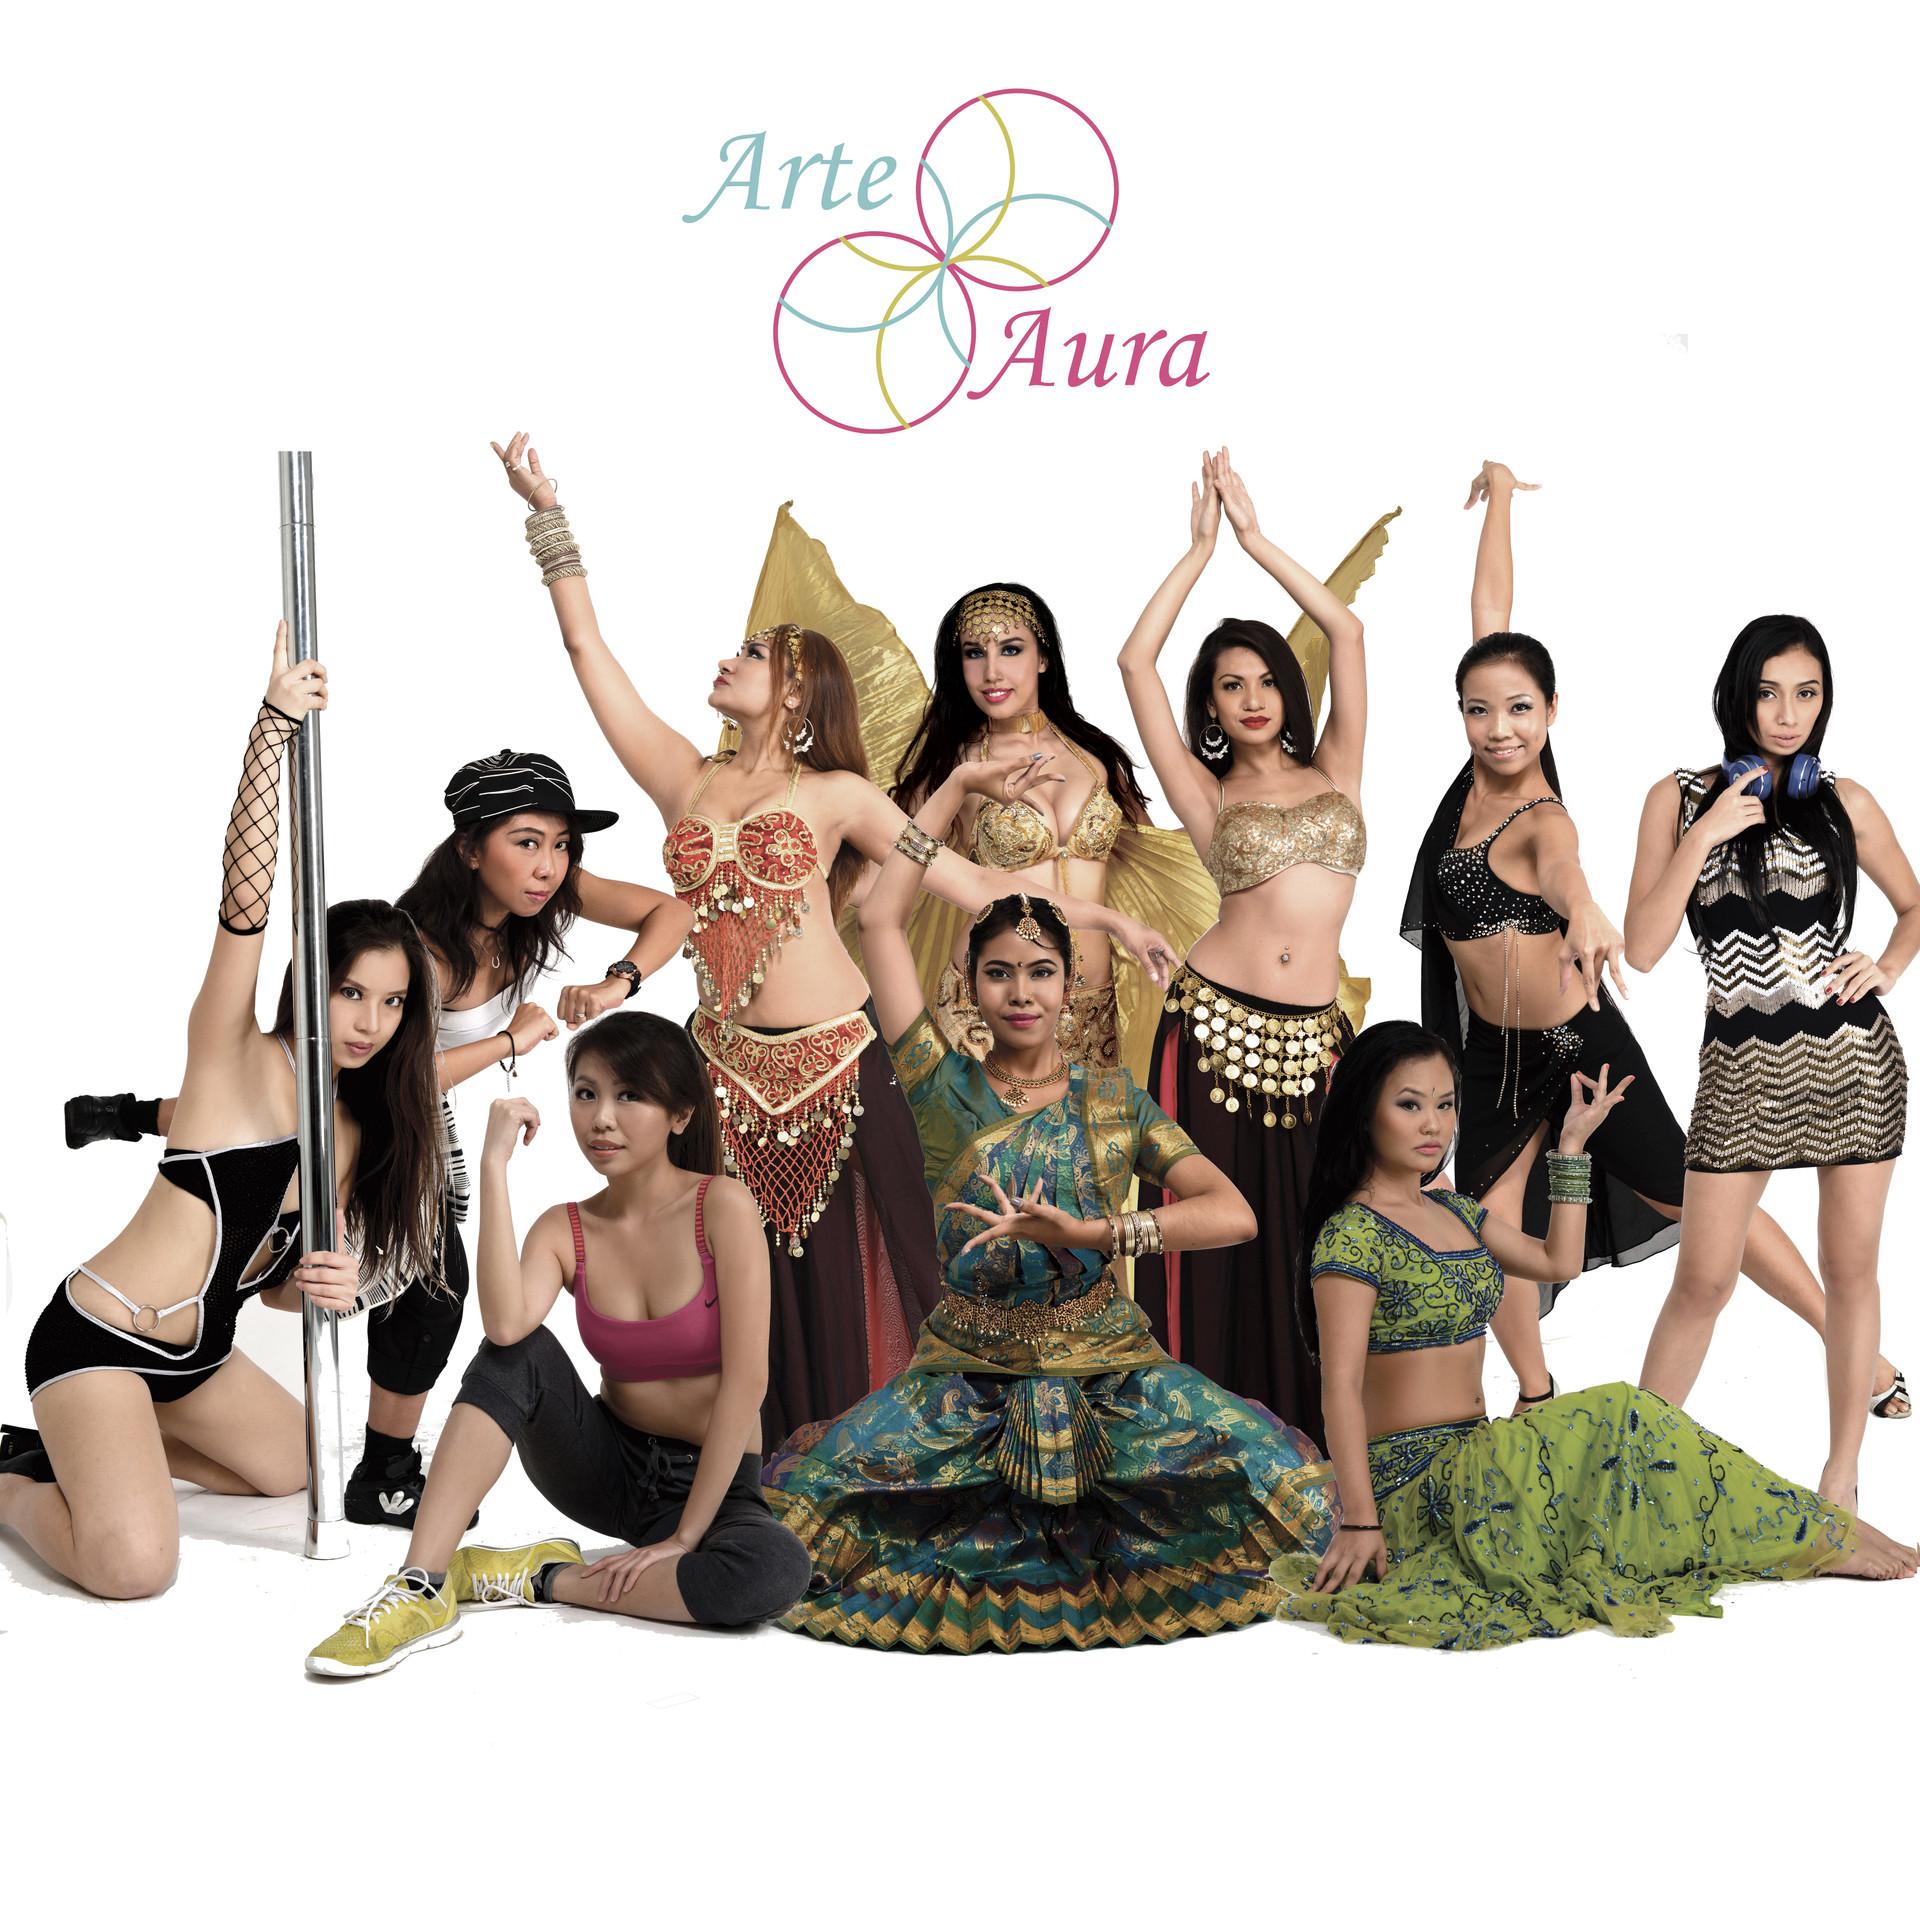 Arte-Aura-Banner-Ib.jpg